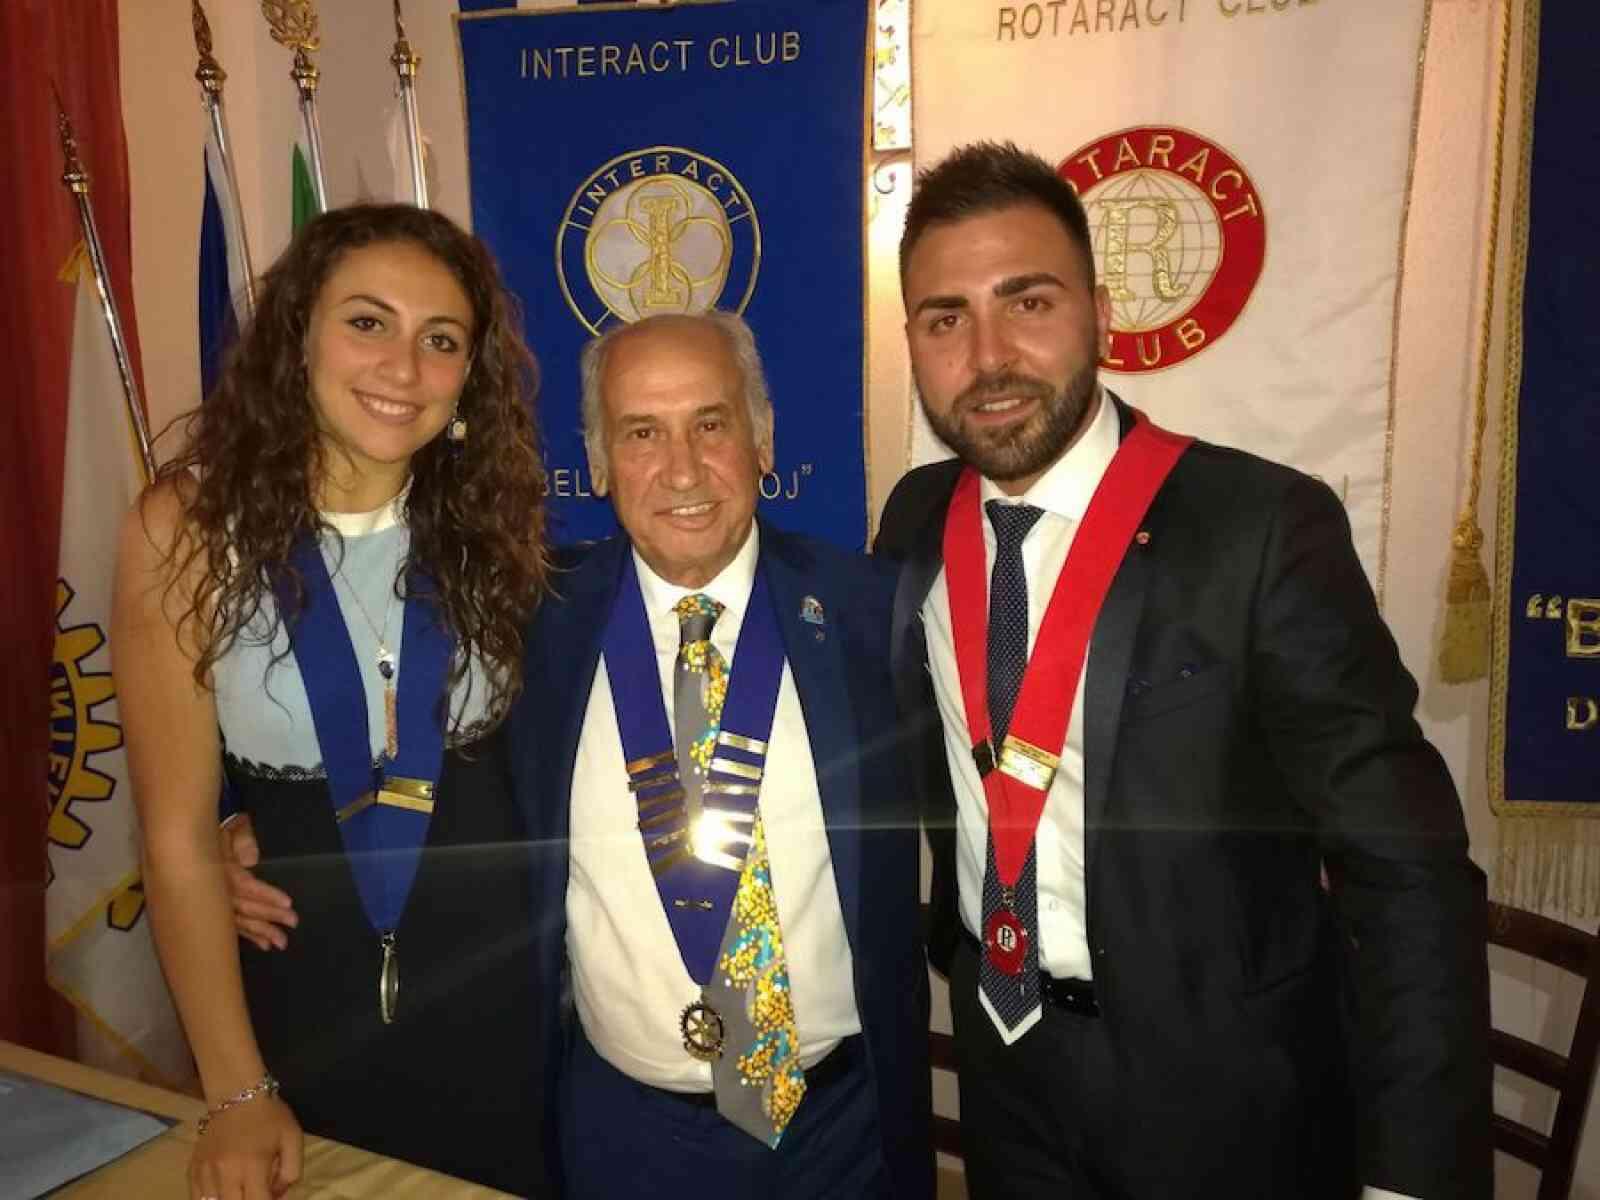 Passaggio di Campana al Rotaract e Interact di Menfi: al timone, Michele Sparacino e Chiara Cacioppo